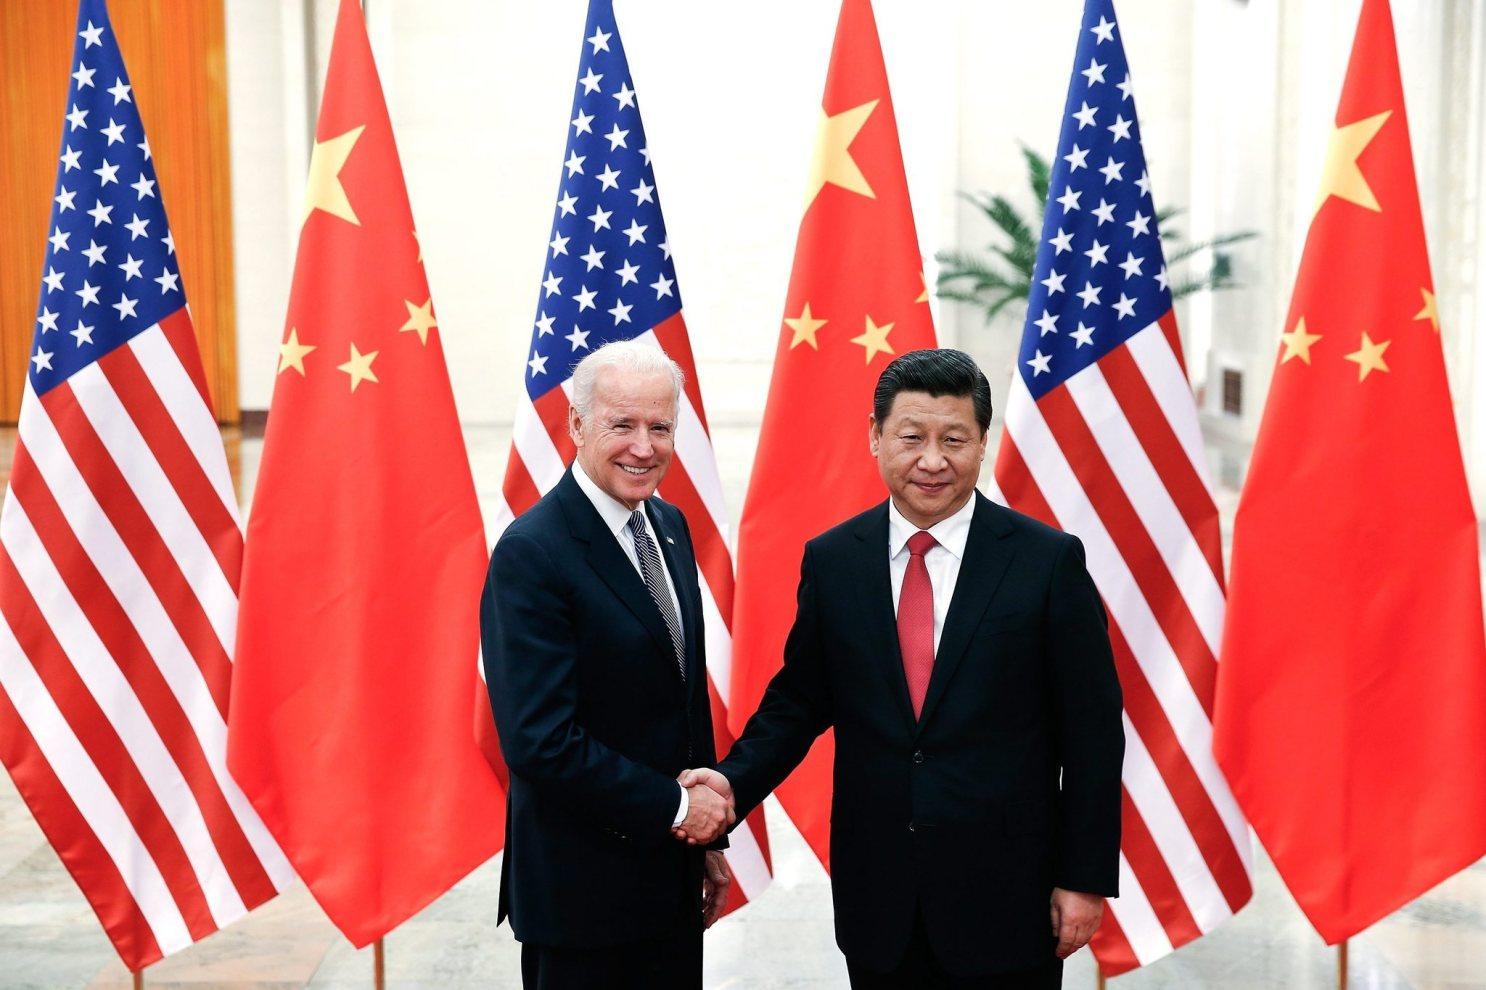 سياسة بايدن تجاه الصين تبدو كثيراً مثل سياسة ترامب